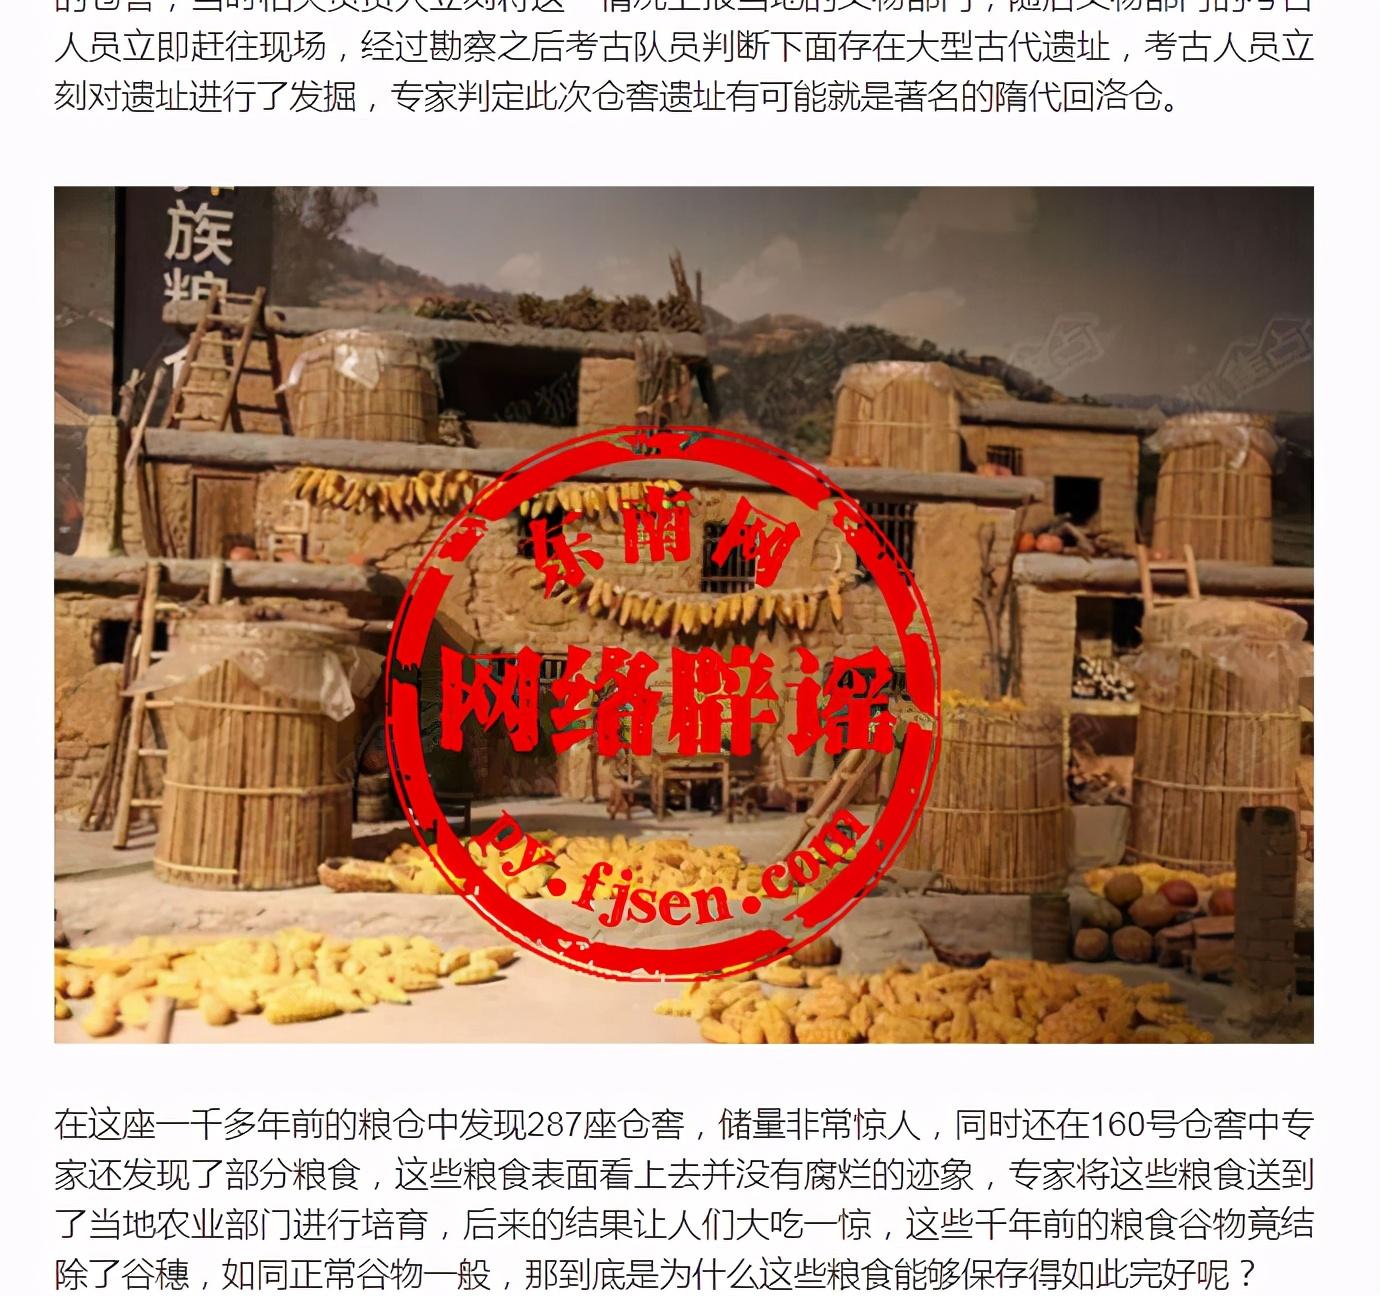 河南回洛仓仓内食物千年不腐,是真的吗?